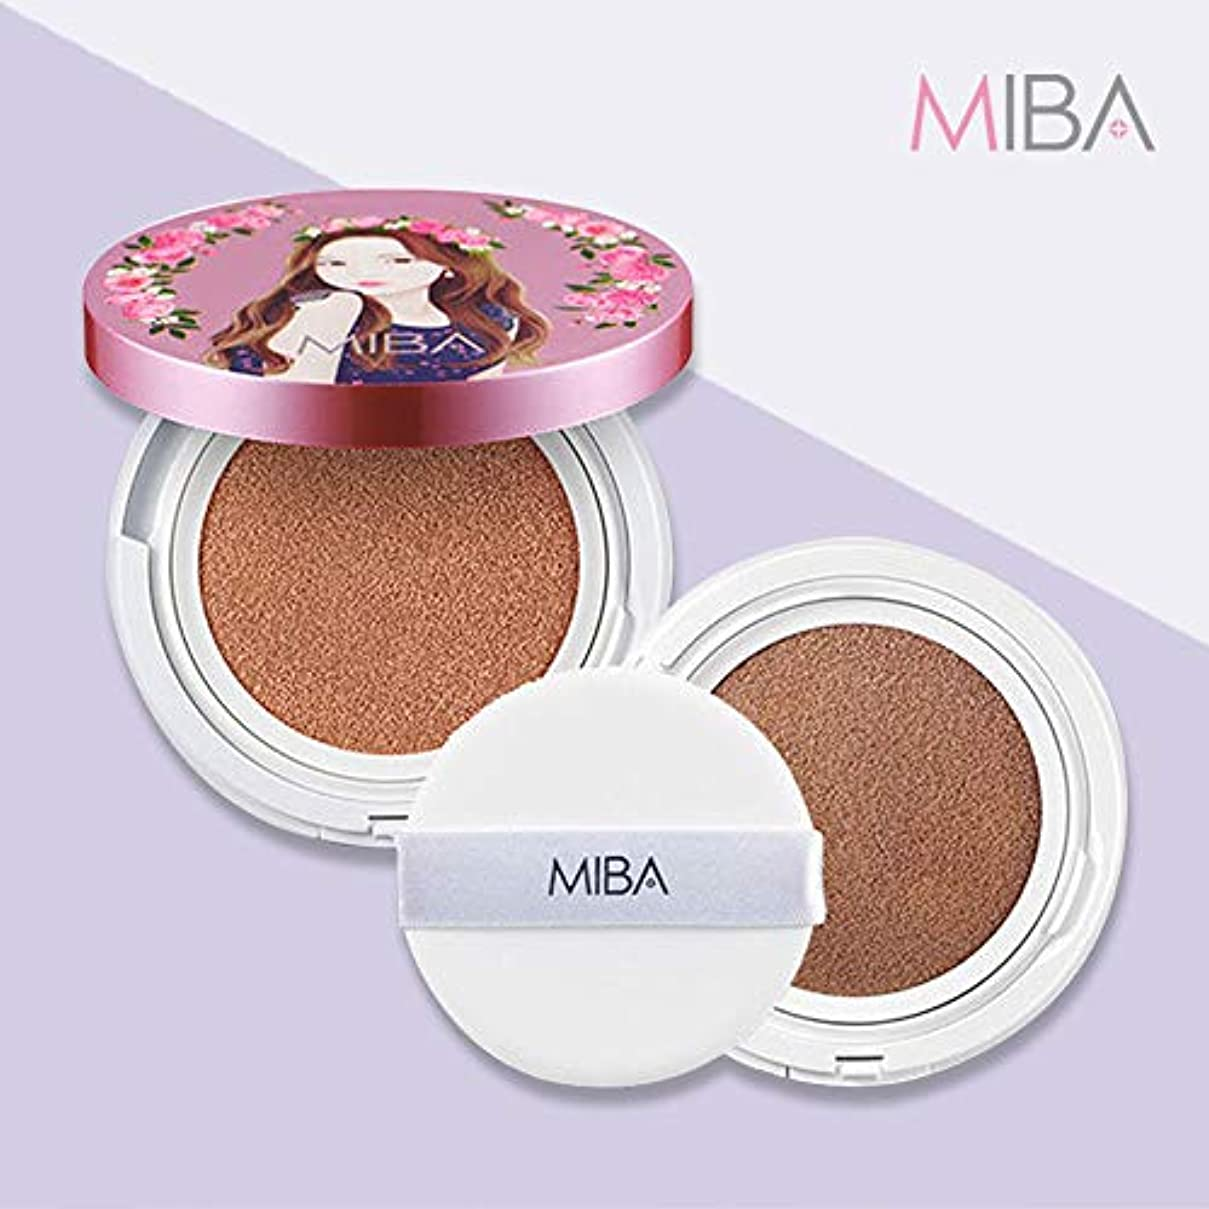 最も遠い役職マイナス【mineralbio】 MIBA ミバ イオンカルシウム ミネラルファンデーション ダブルクッション SPF50+/PA++++ 本品+リフィル+パフ2枚 明るい肌用 (Ion Calcium Foundation Double Cushion set 24g #21 Light skin)